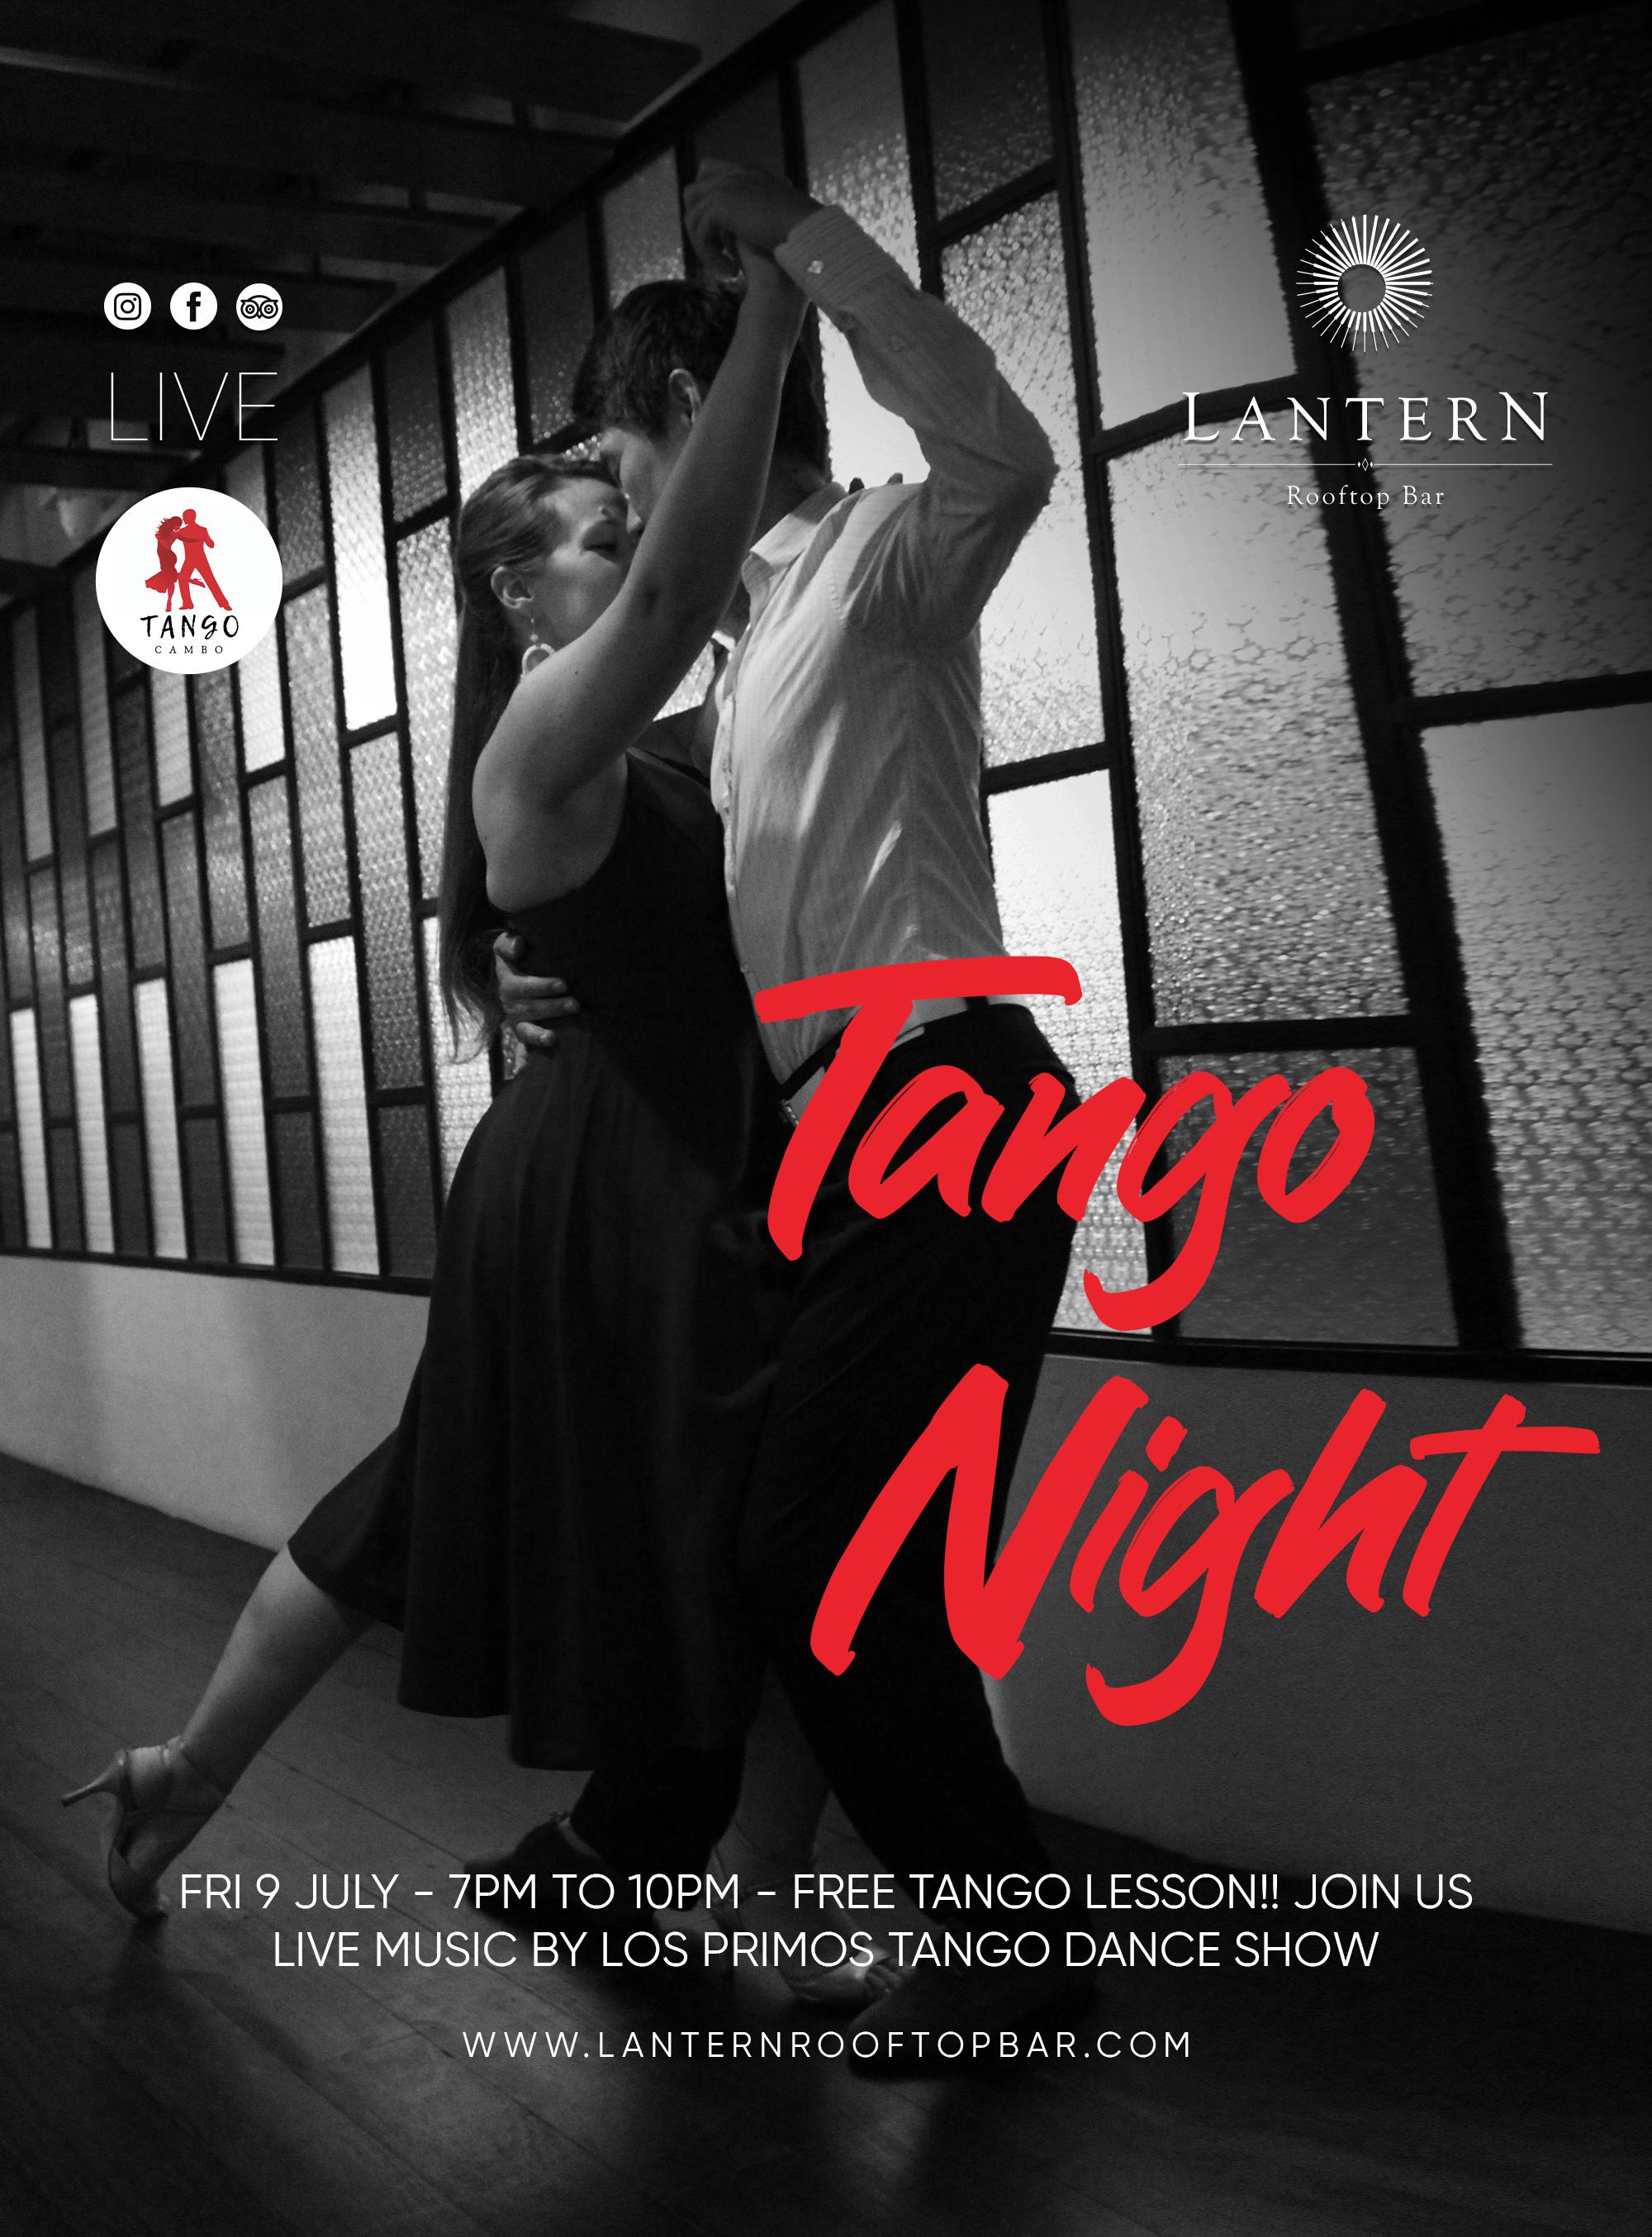 Tango Night at Lantern Rooftop Bar